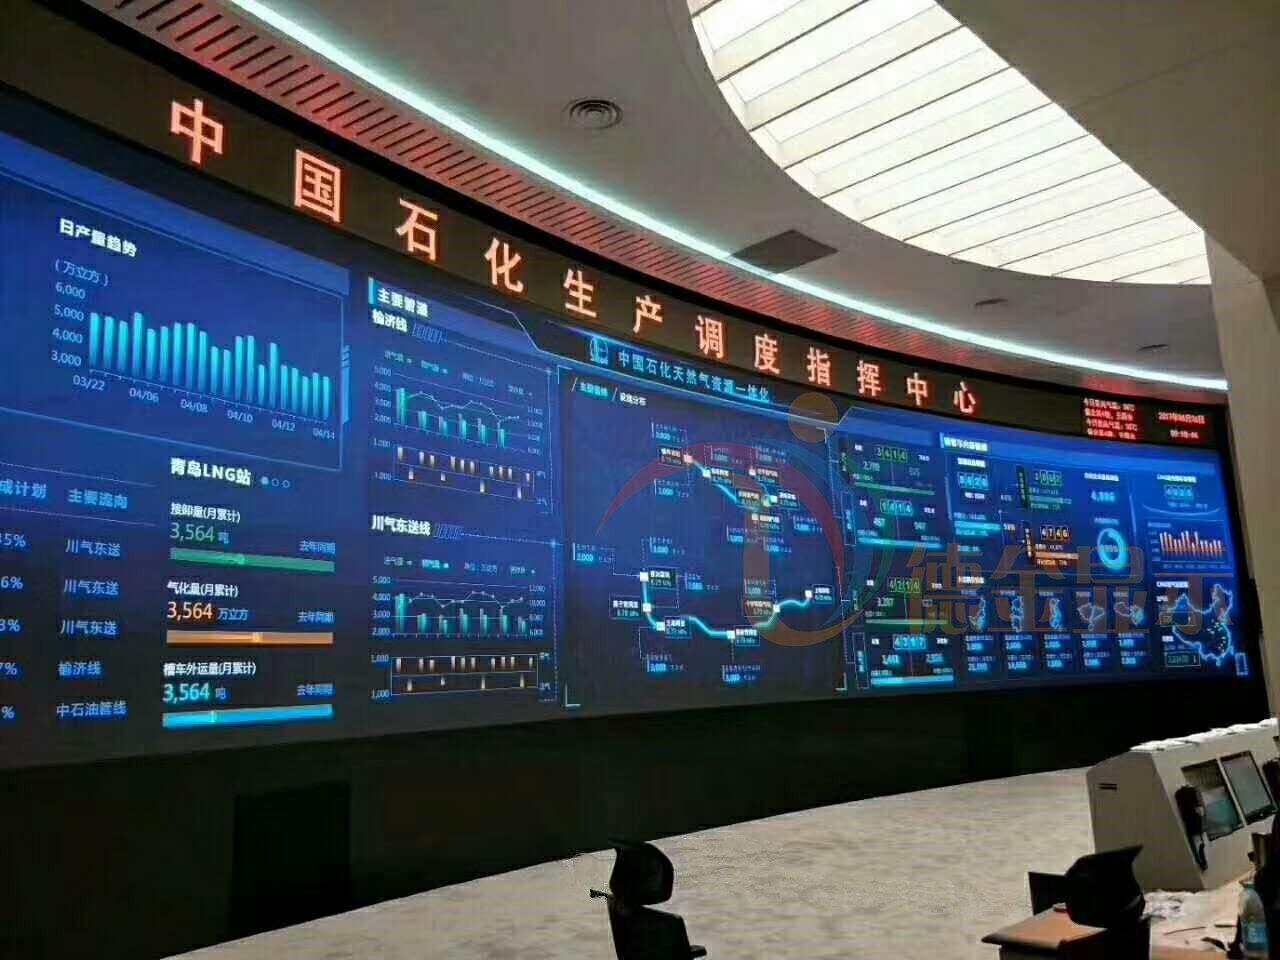 923/p2/p2.5监控中心高清led显示屏